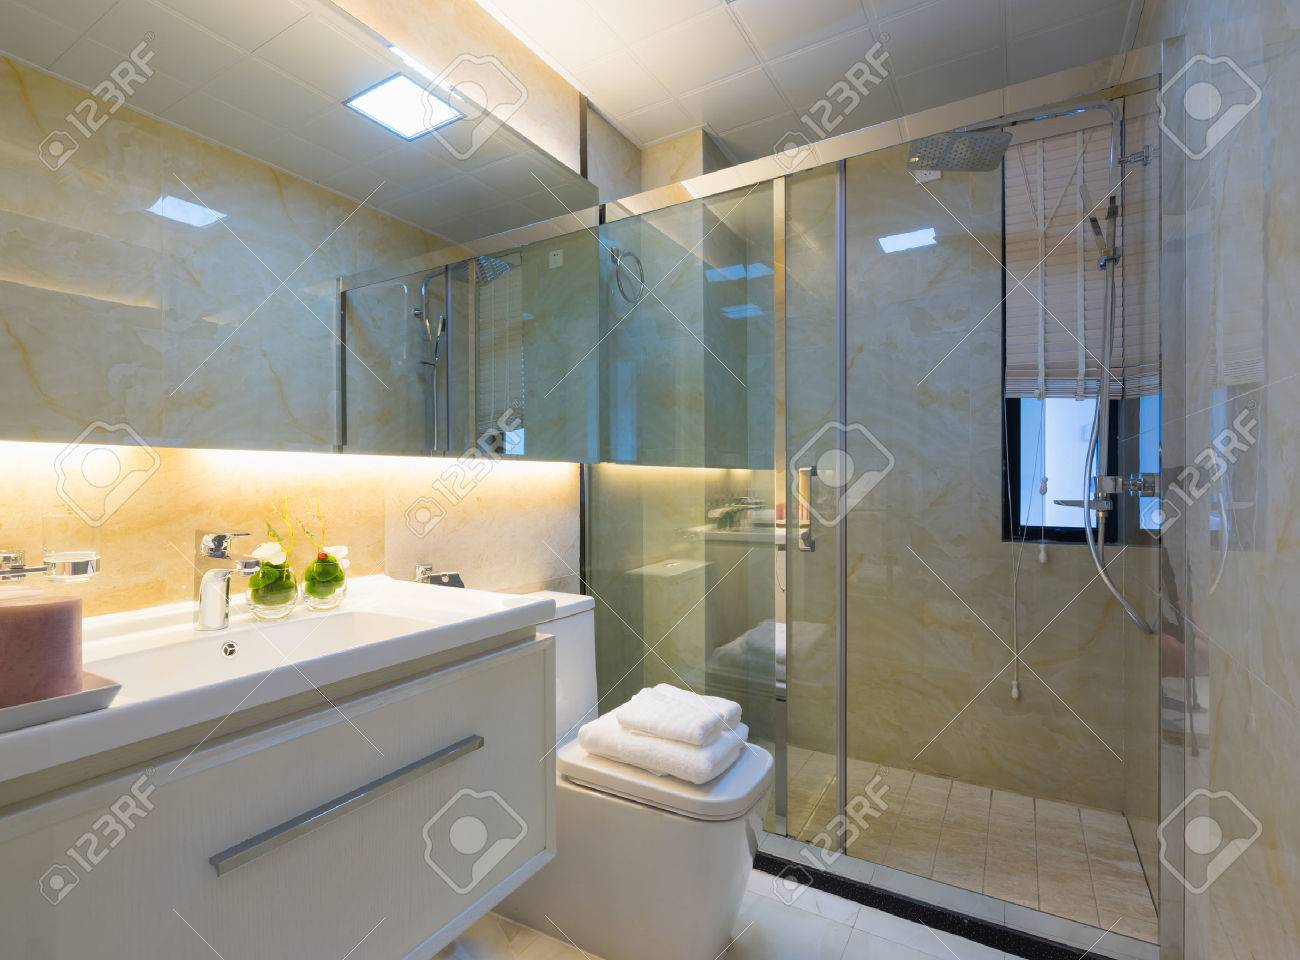 Modernes Bad Mit Schöner Dekoration Standard Bild   39461264